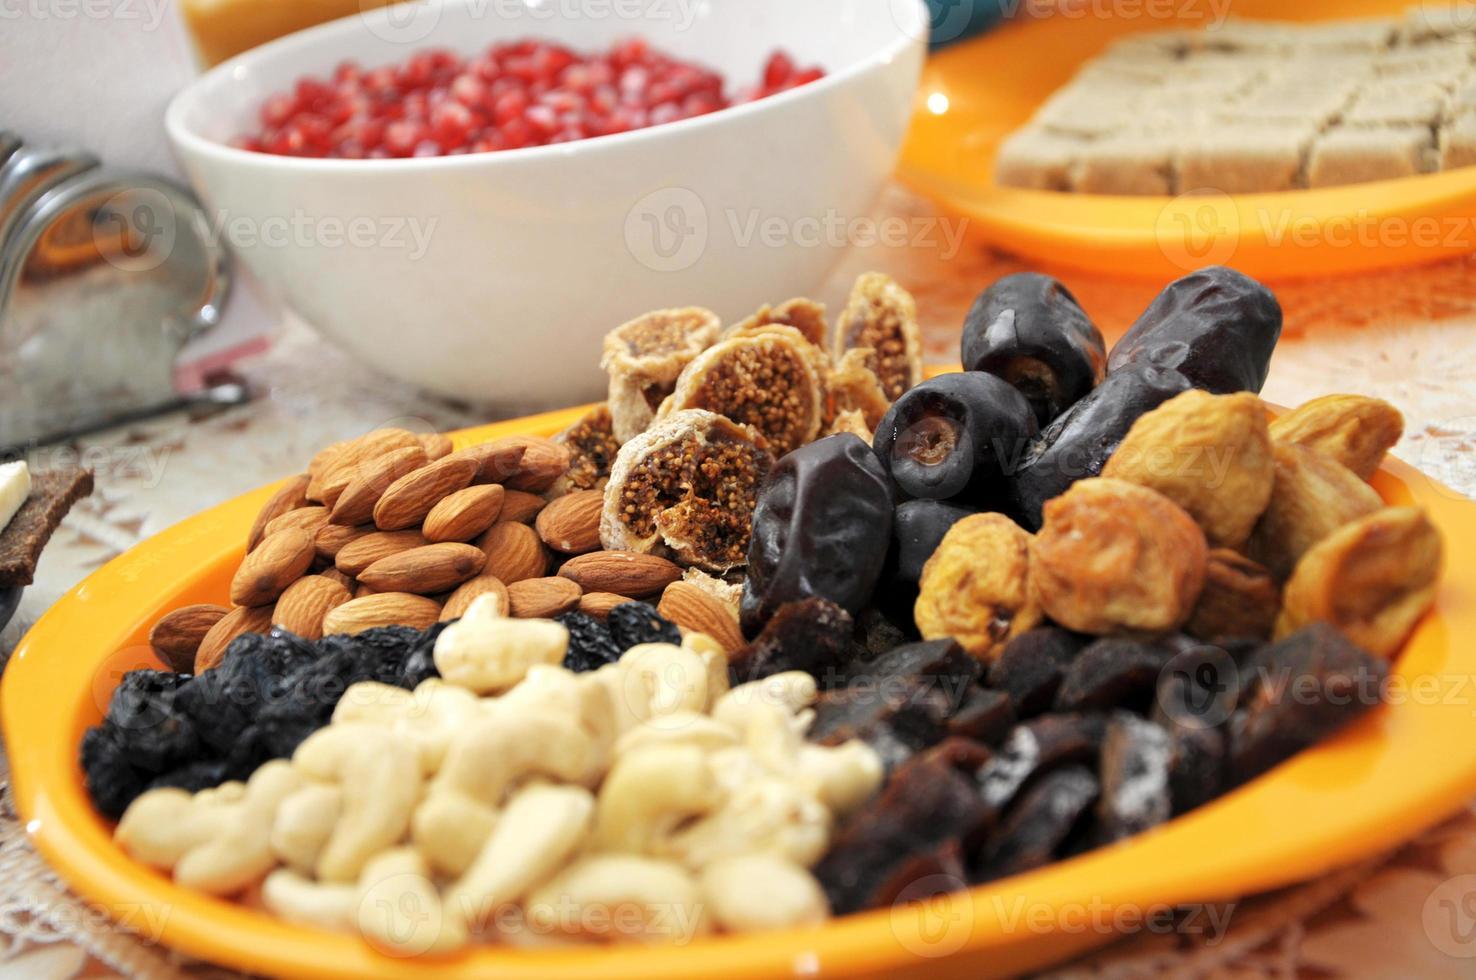 frutas secas no prato foto